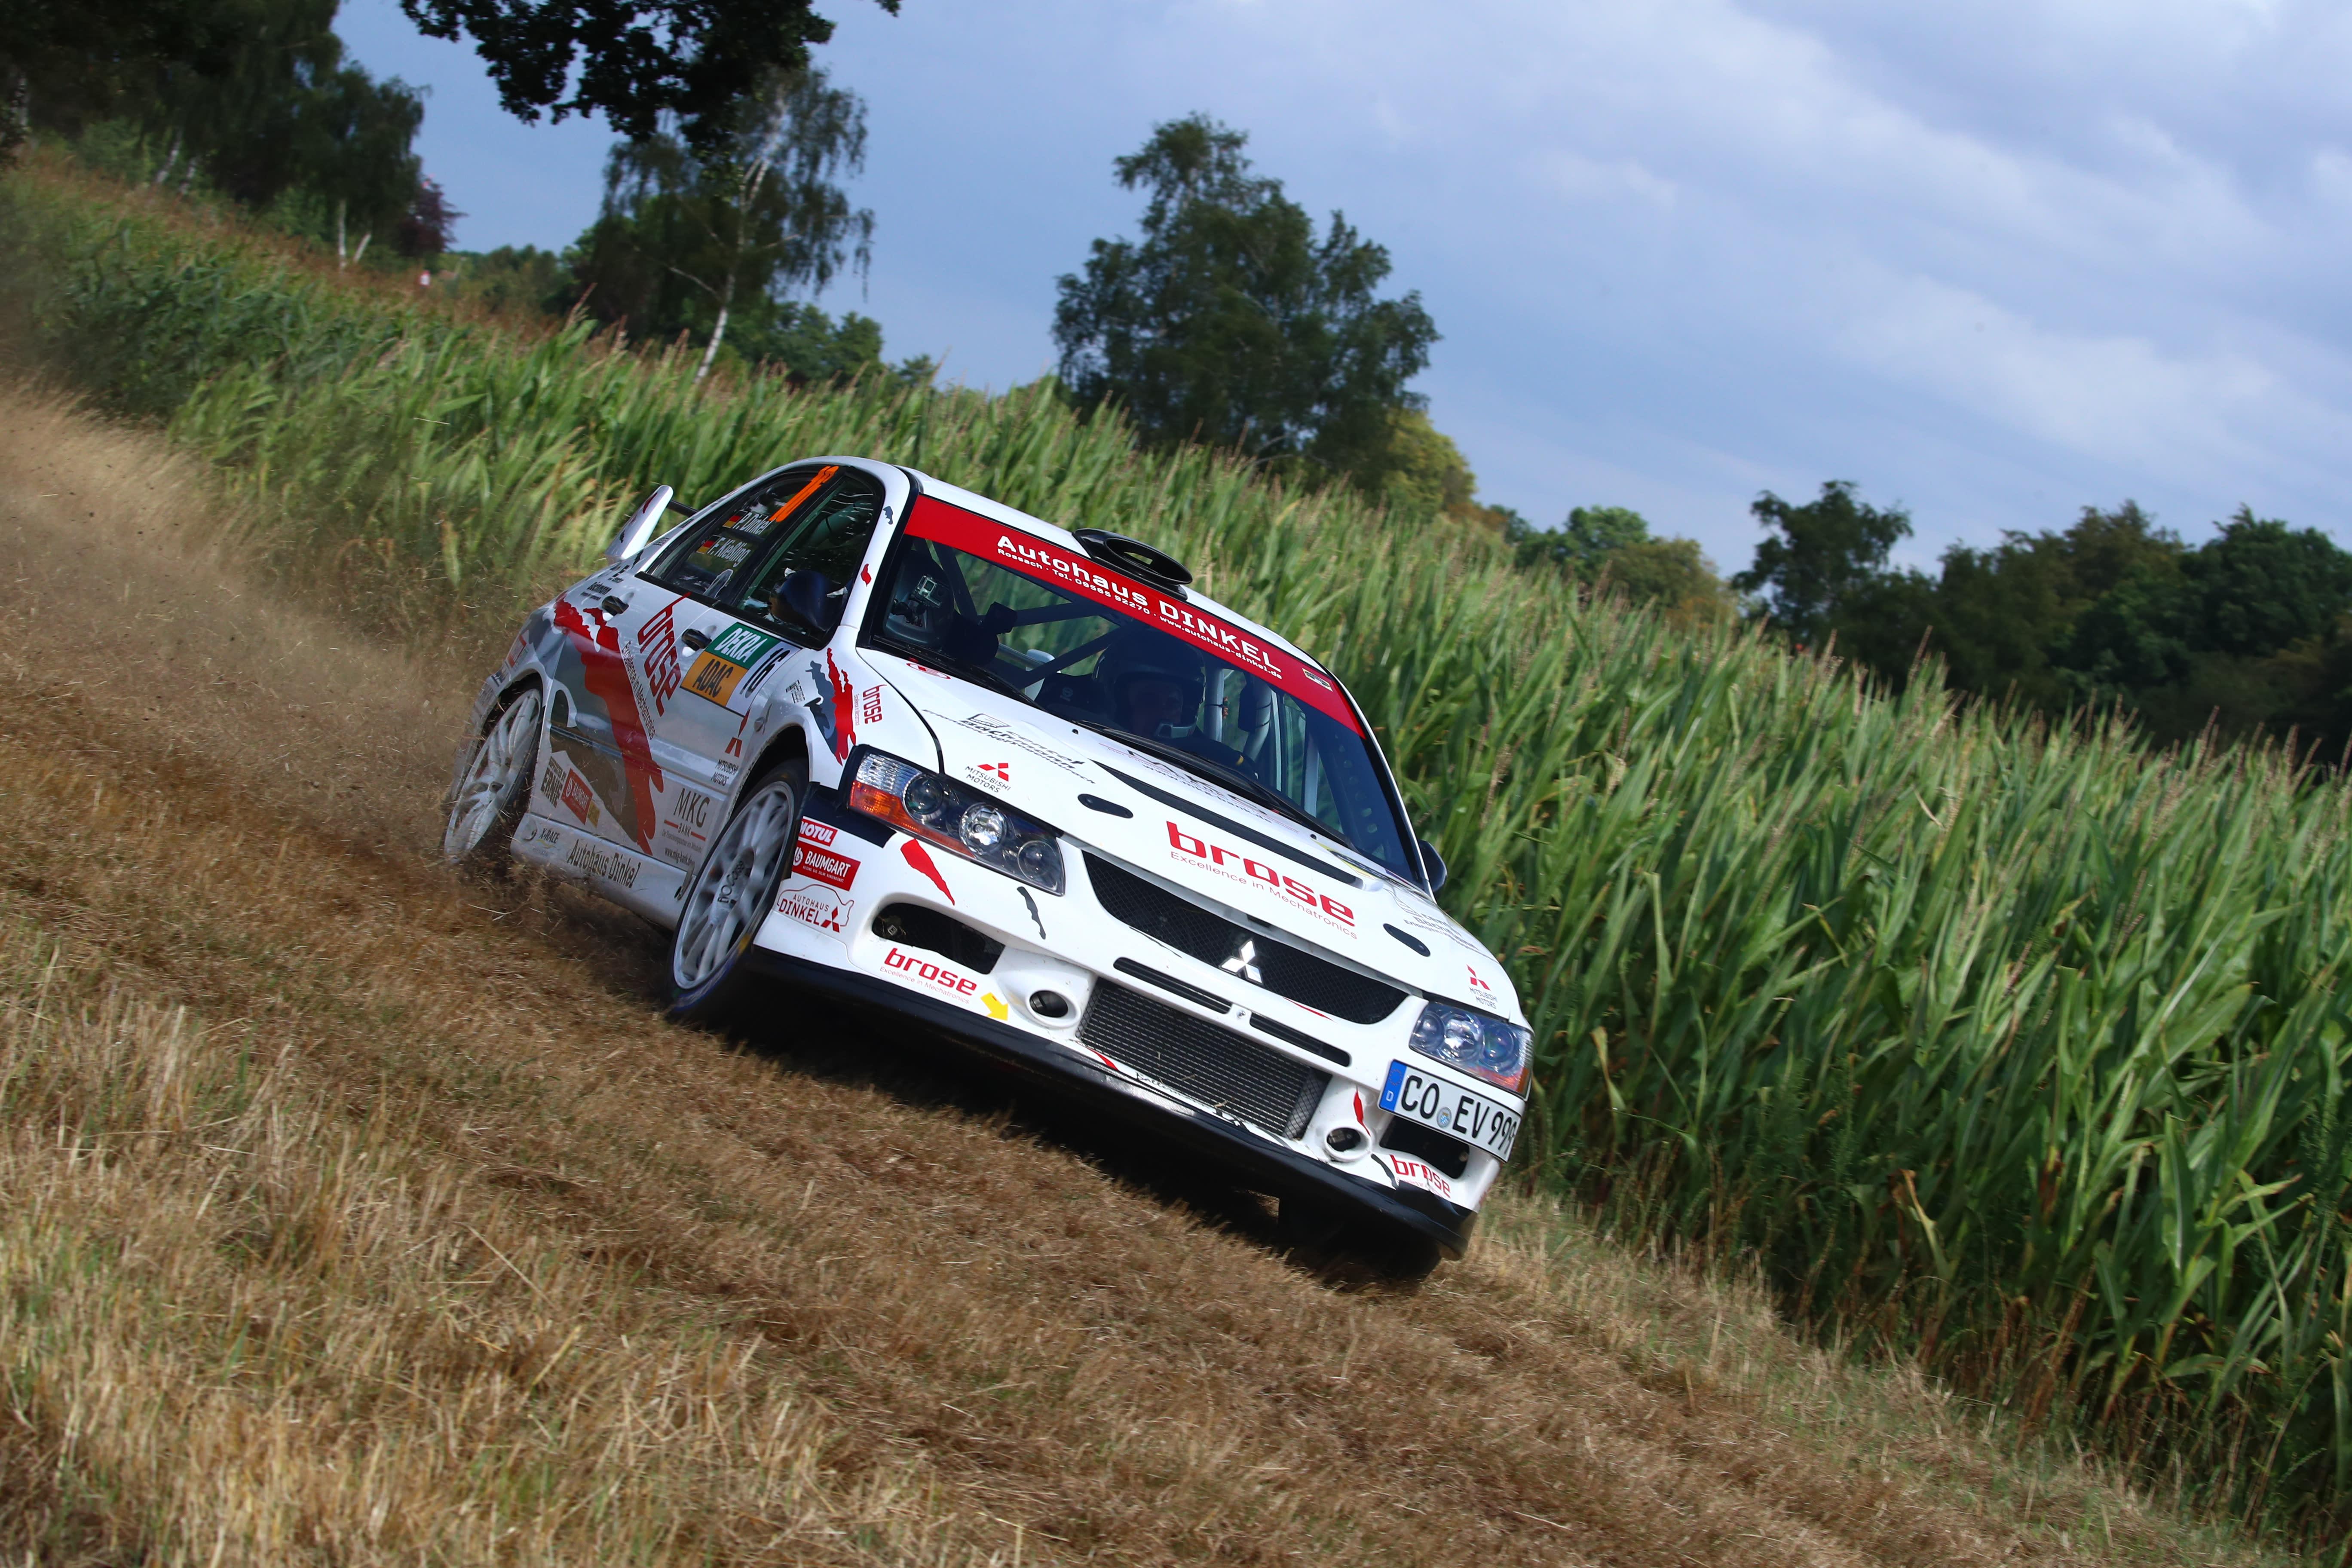 Saisonstart für ADAC Rallye Masters in Sulingen